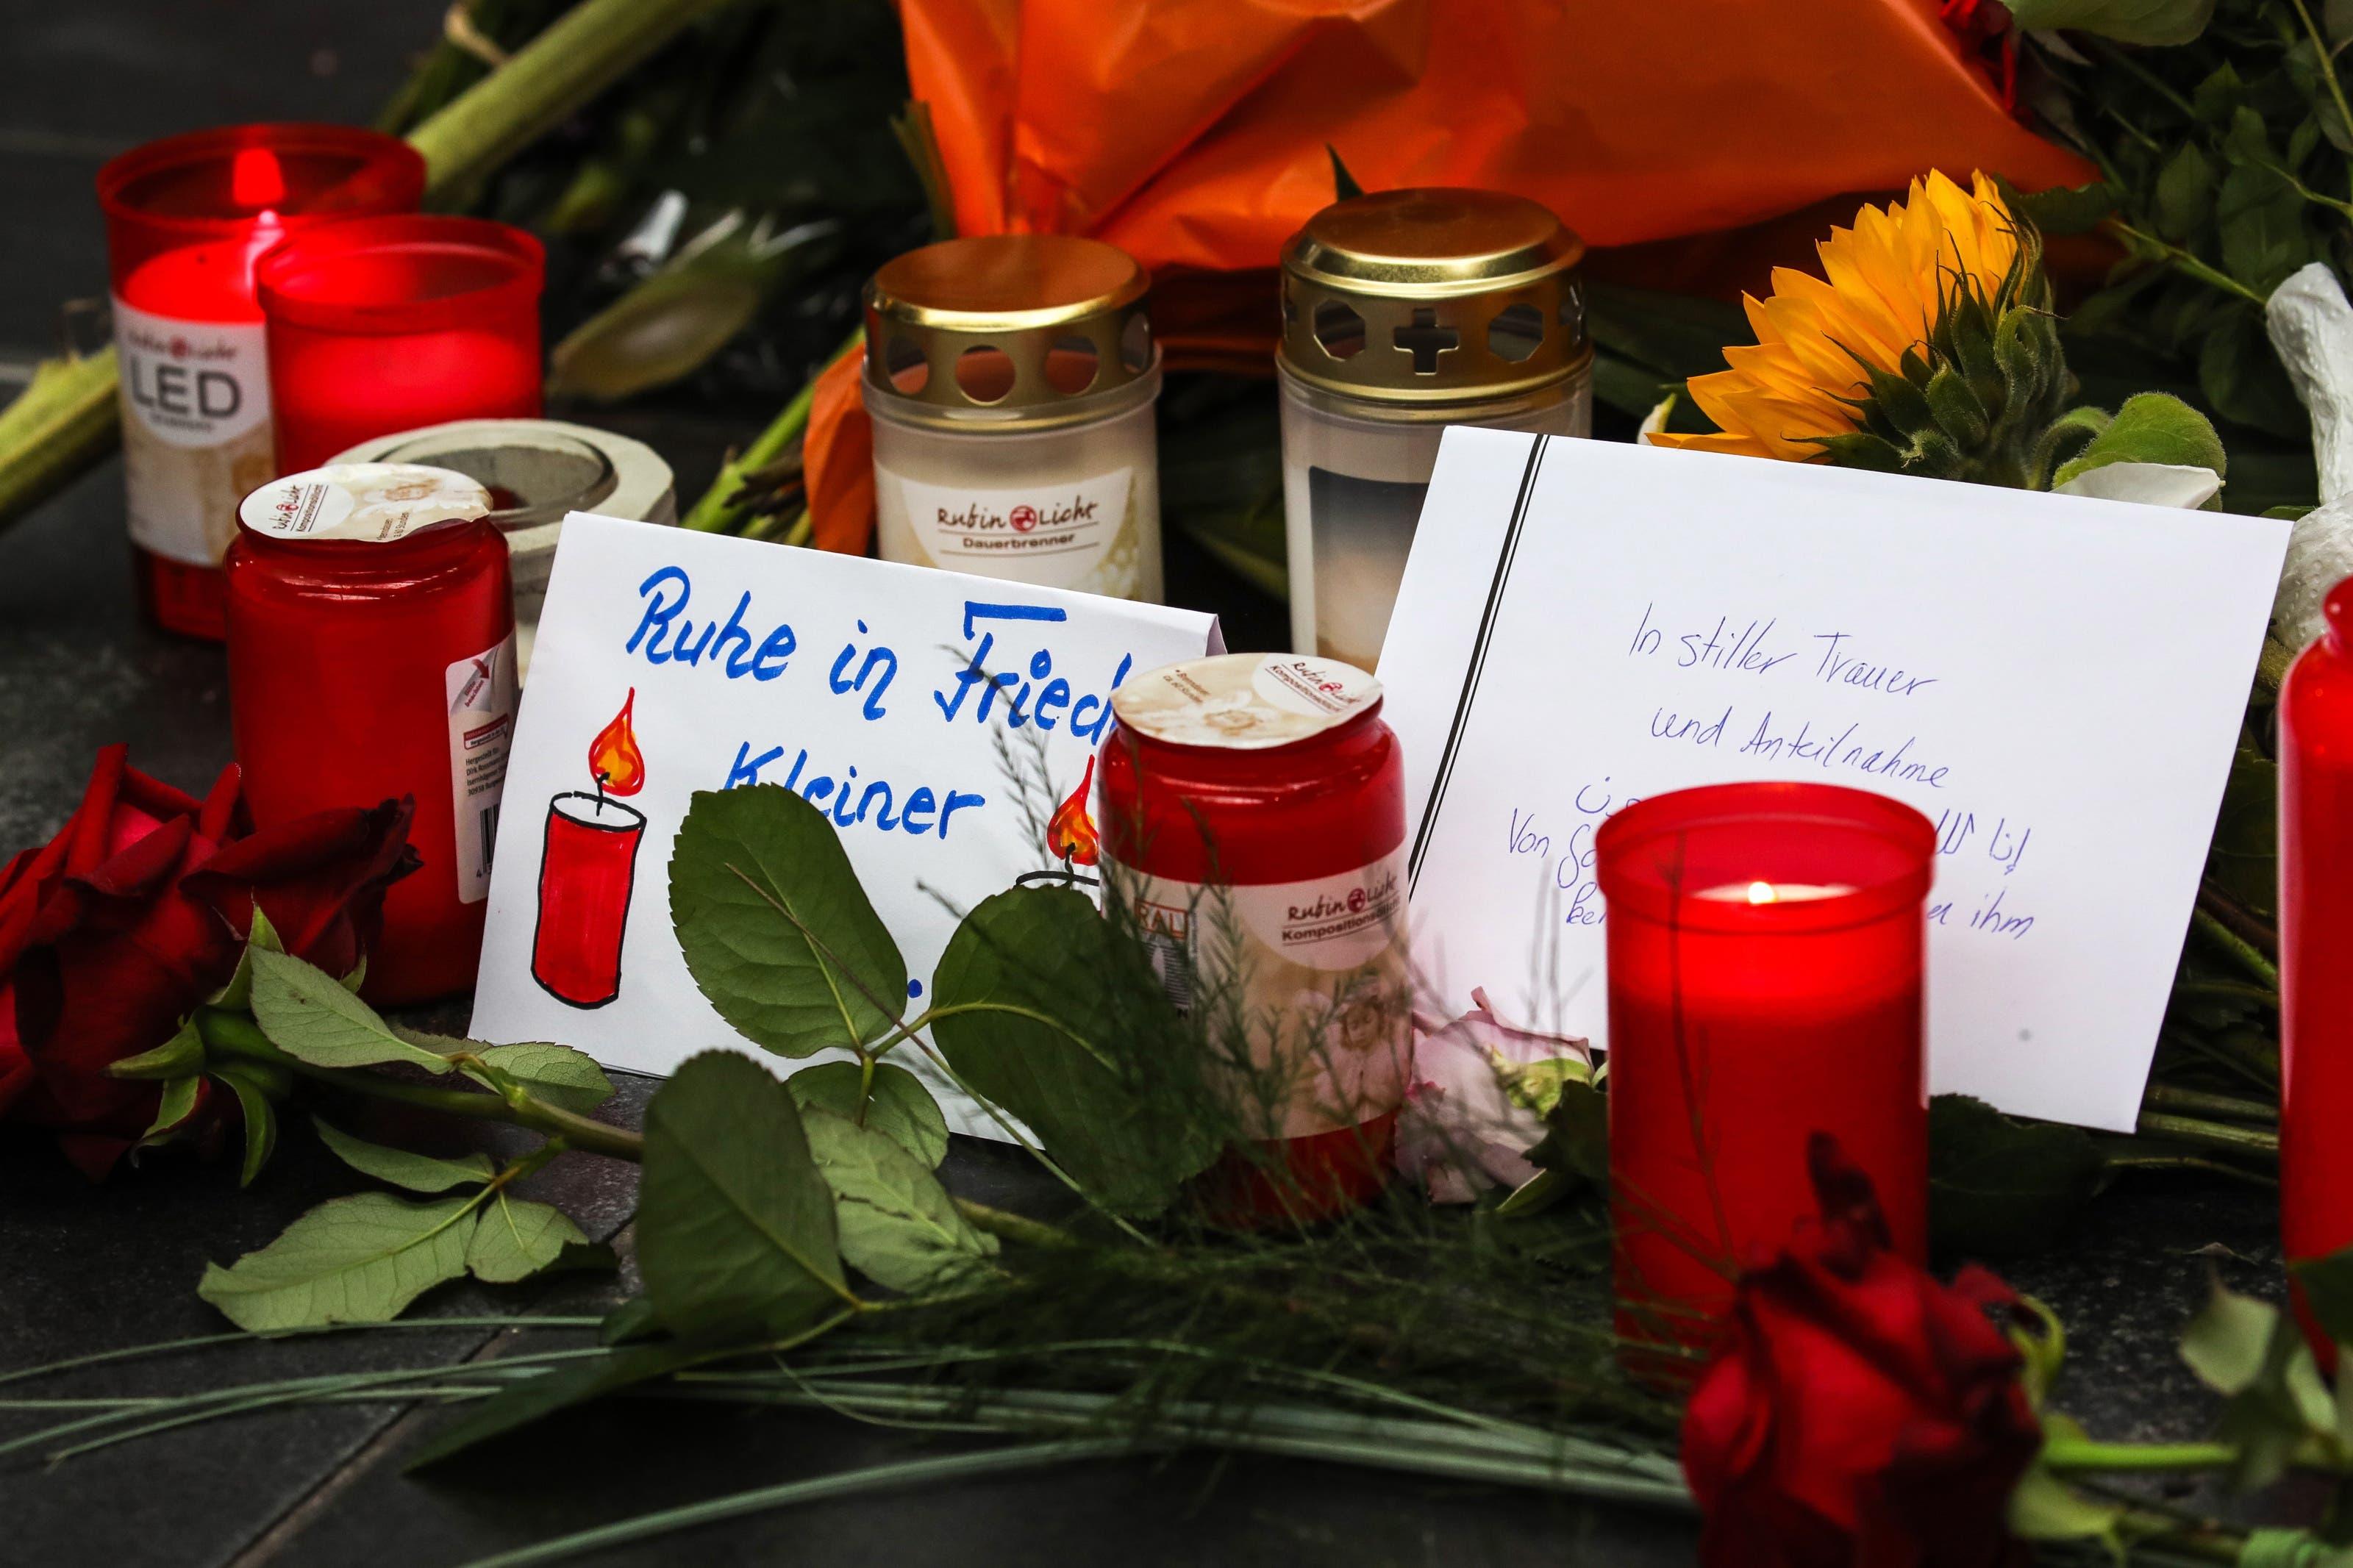 Trauerkarten und -kerzen erinnern an die schreckliche Tat. (Bild: ARMANDO BABANI)